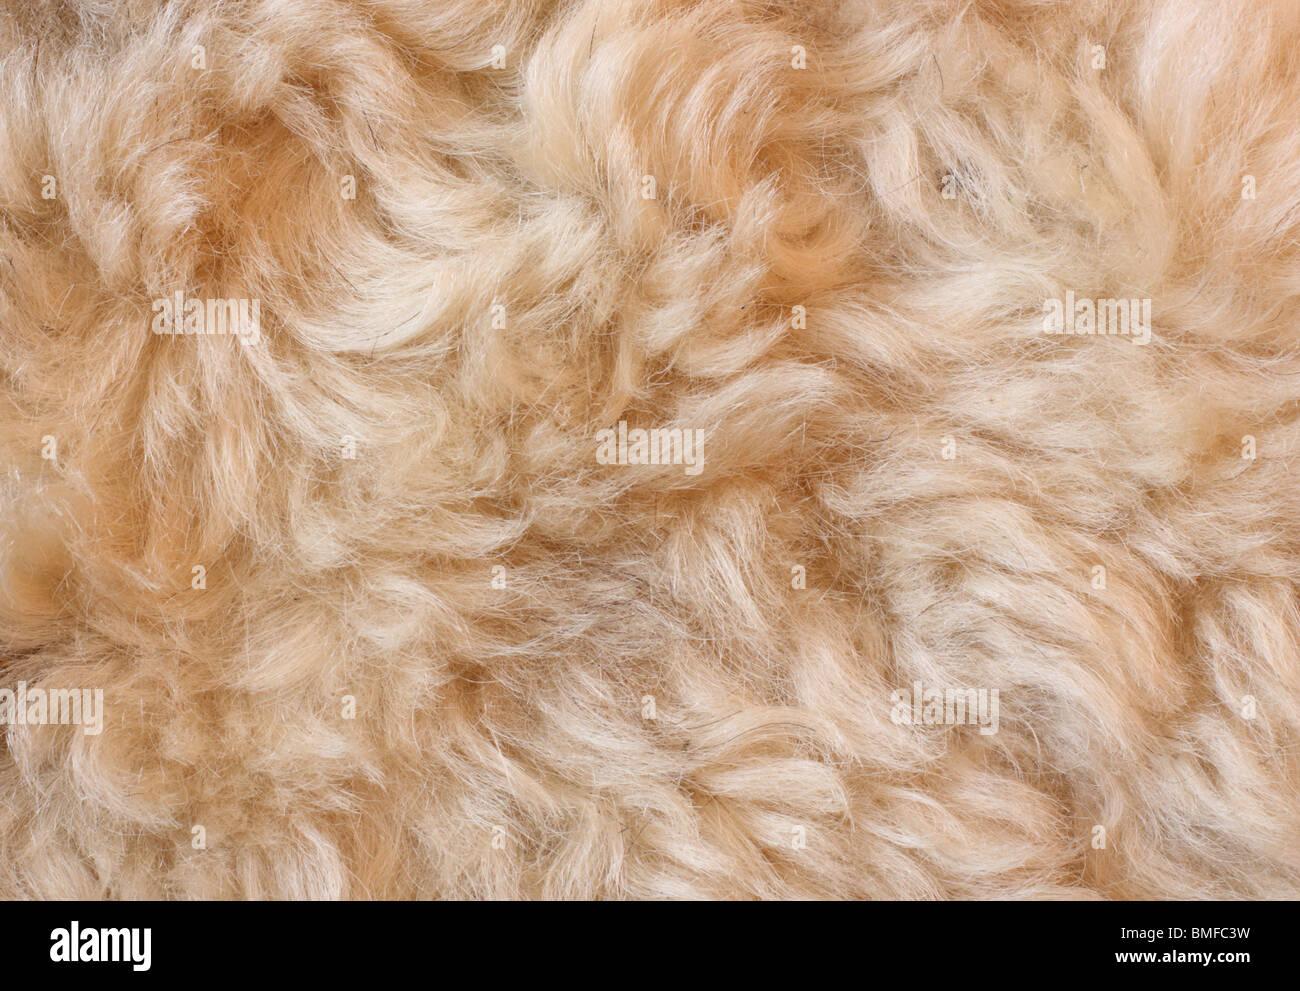 Antecedentes de pieles de oveja Imagen De Stock